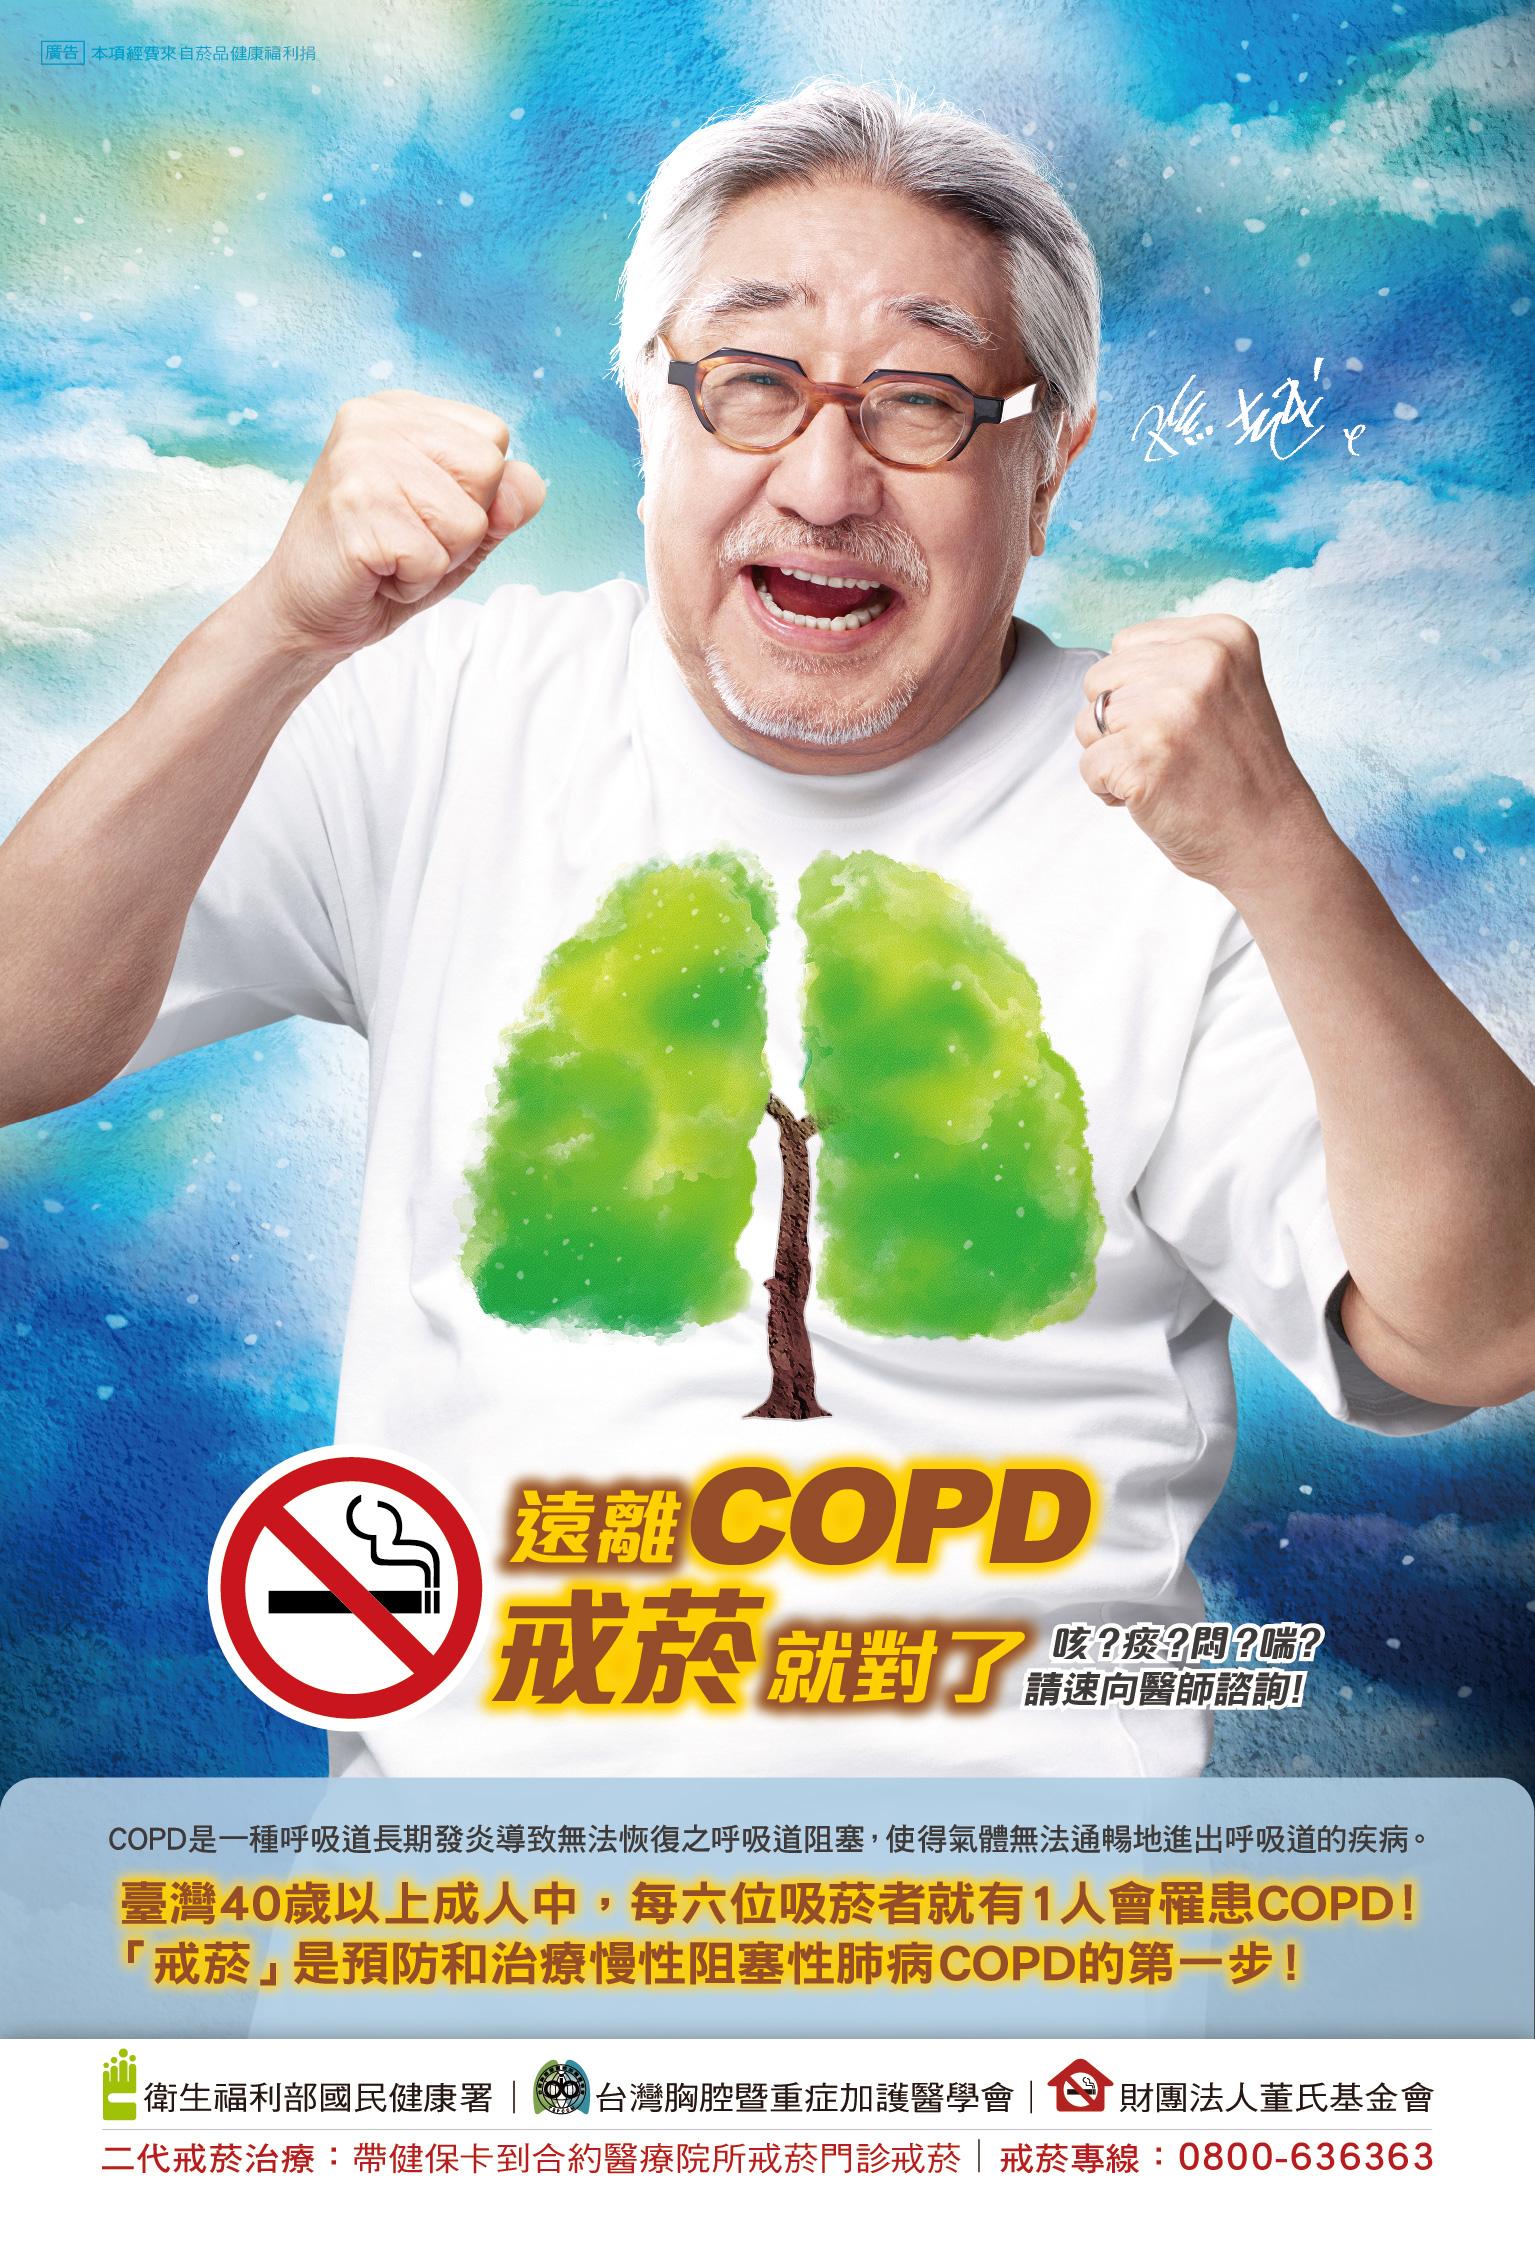 遠離COPD戒菸就對了 (單張)